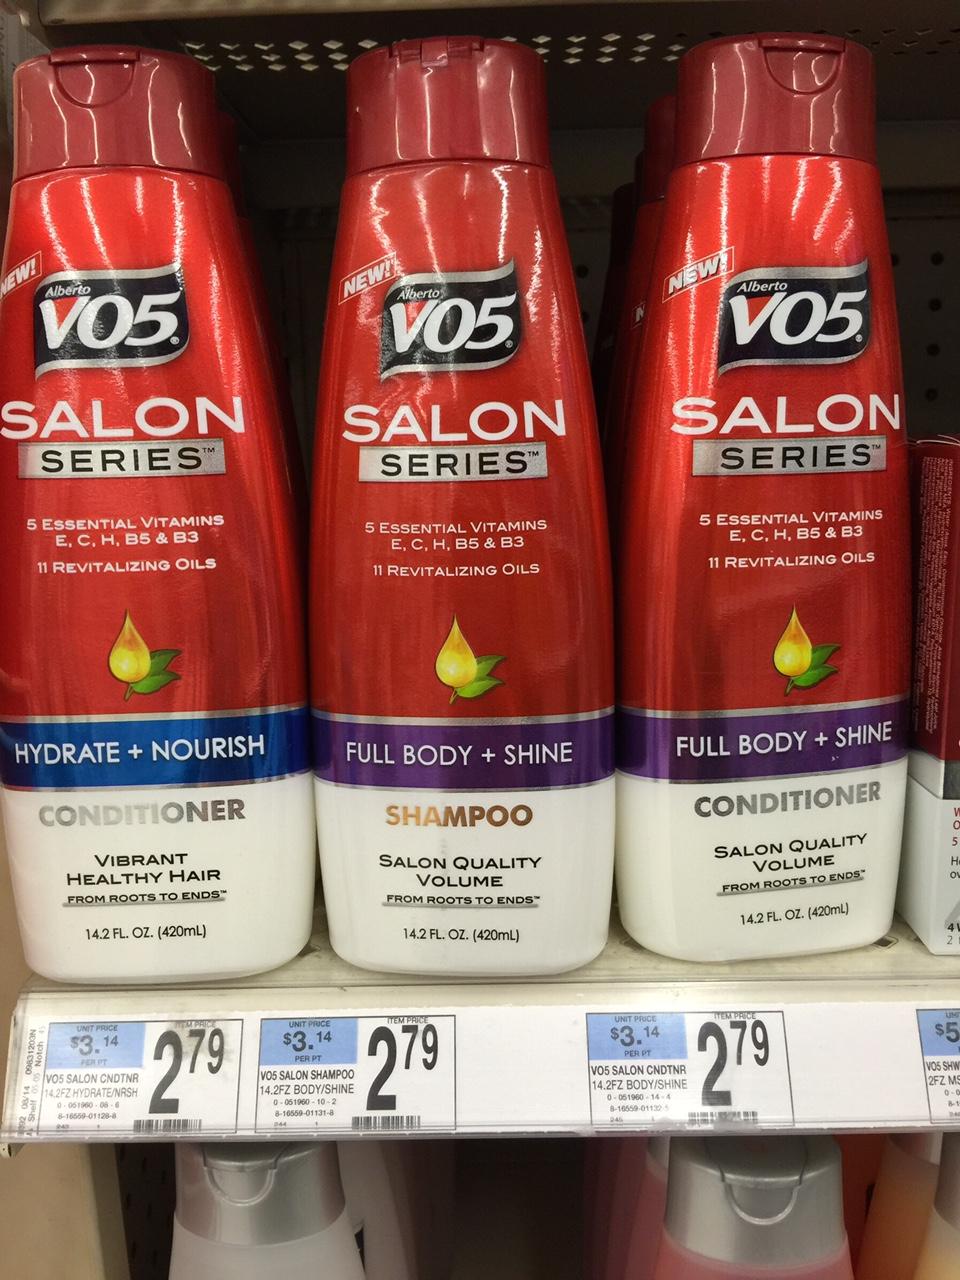 vo5 salon shampoo